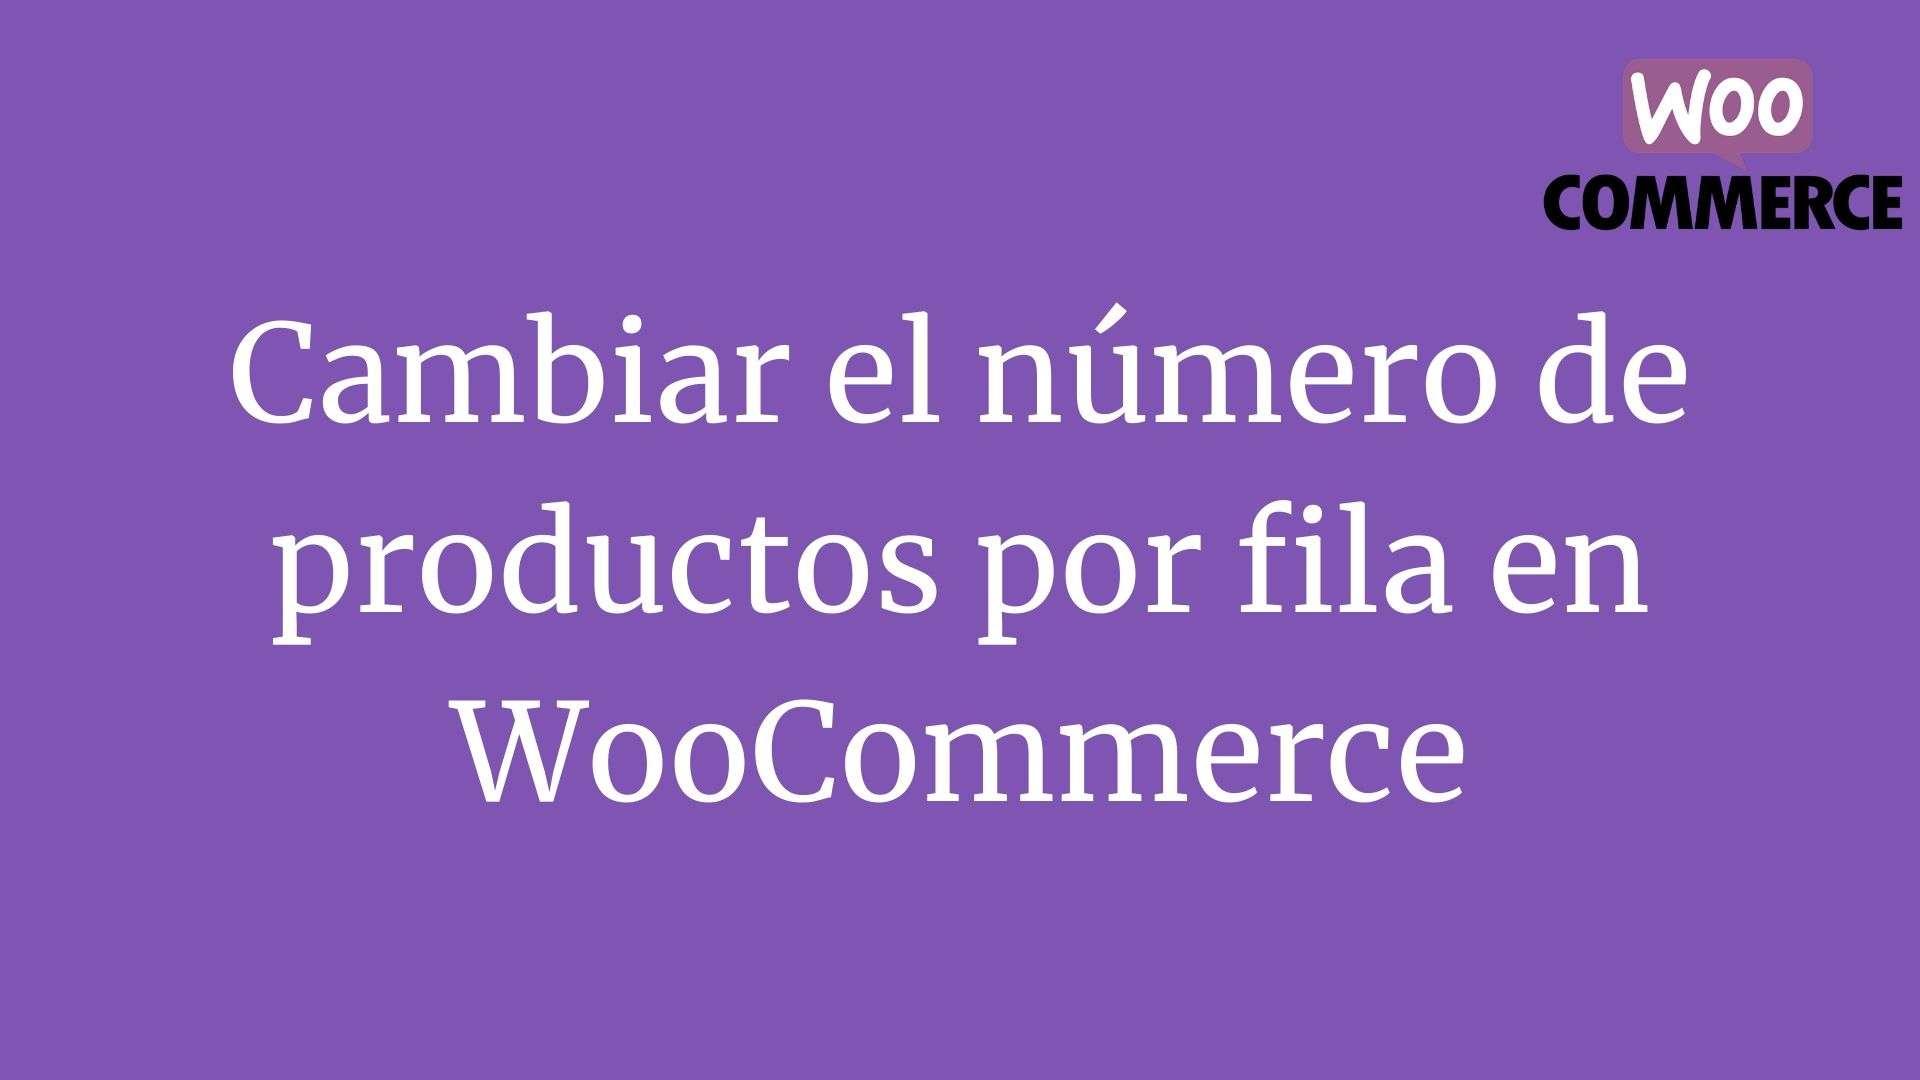 Cambiar el número de productos por fila en WooCommerce